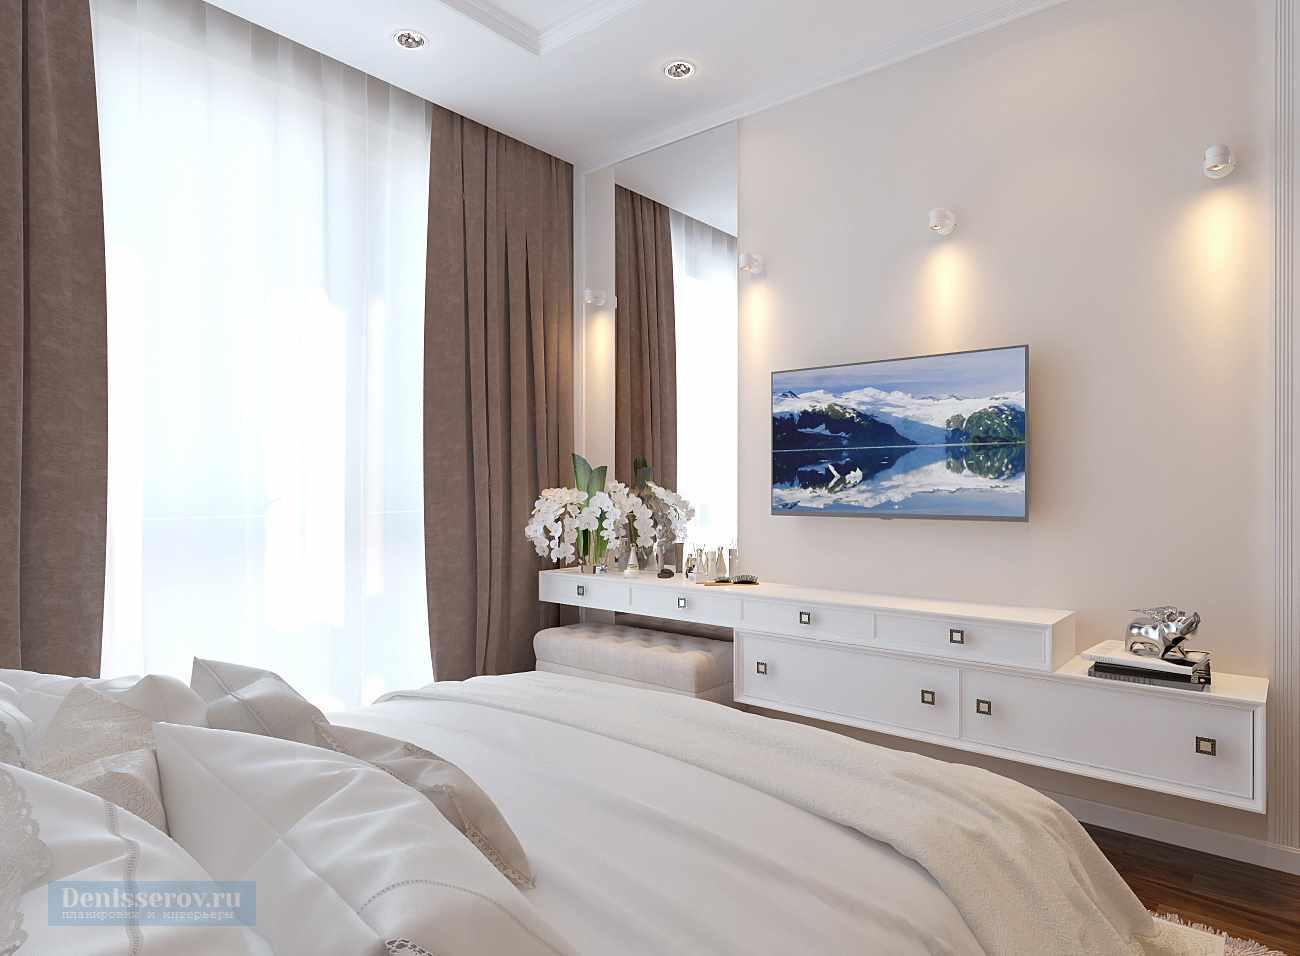 l'idée d'un décor de chambre insolite